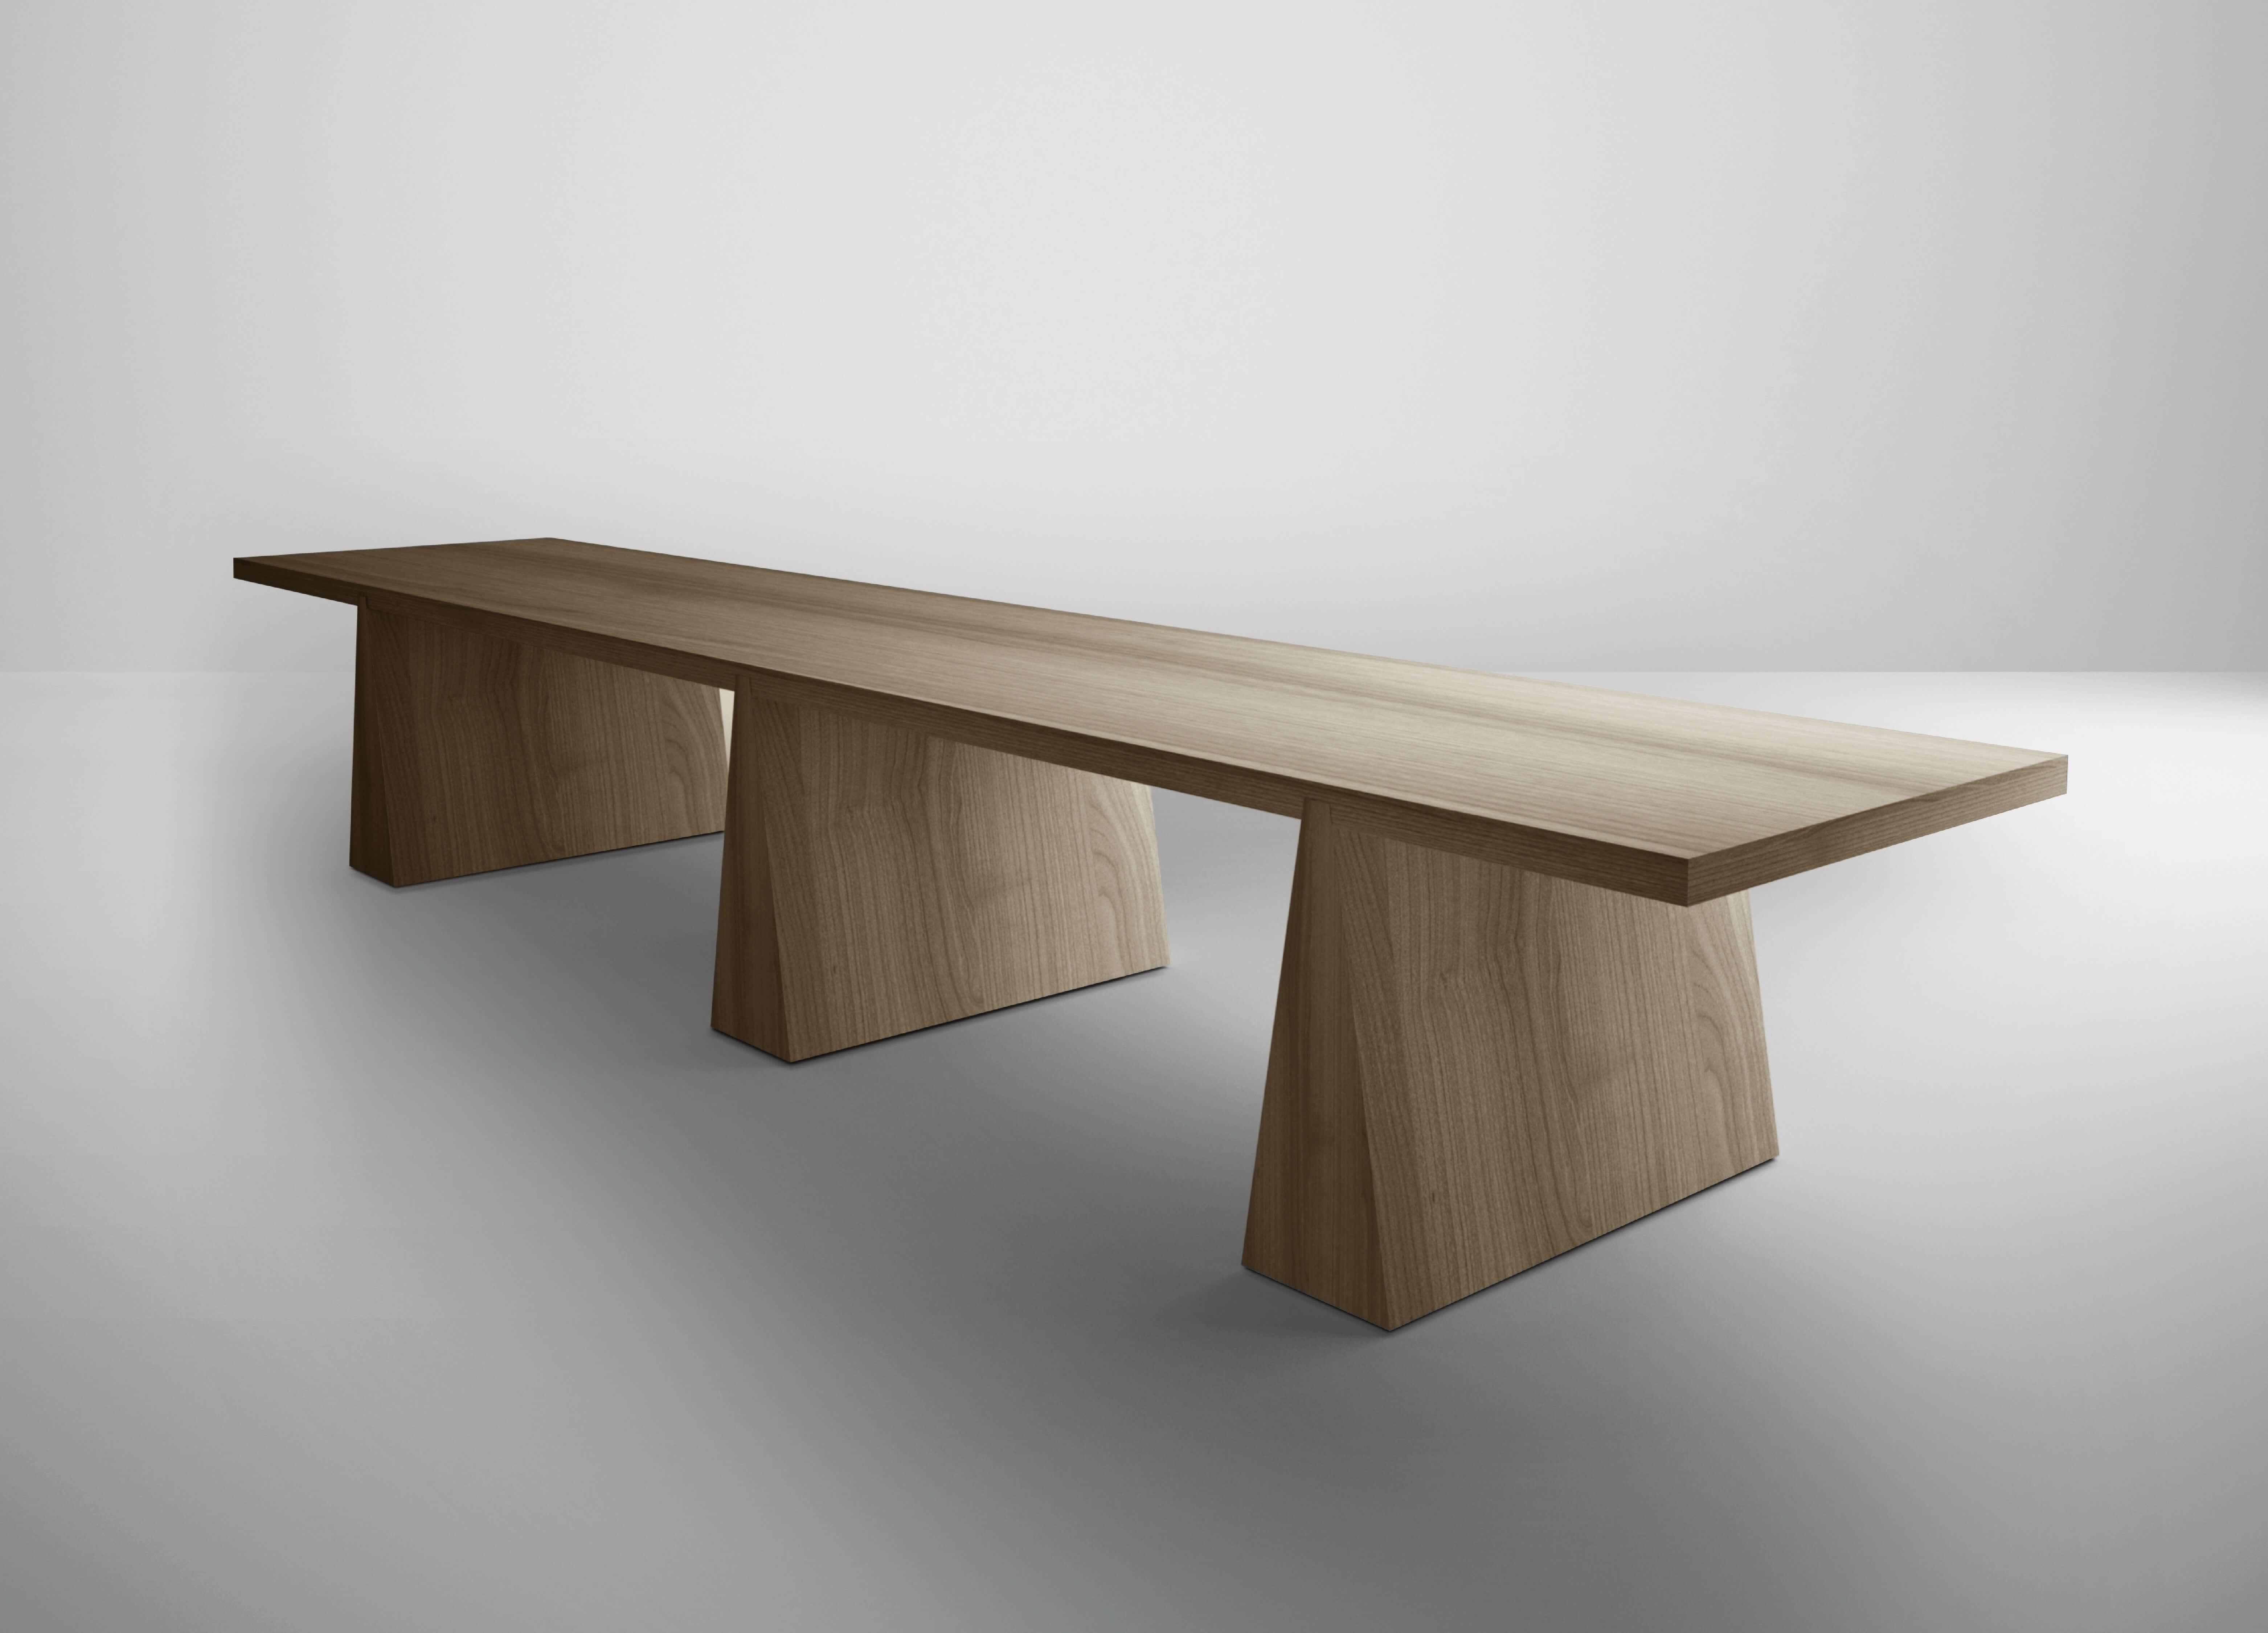 est living ht309 table henrytimi 02 1